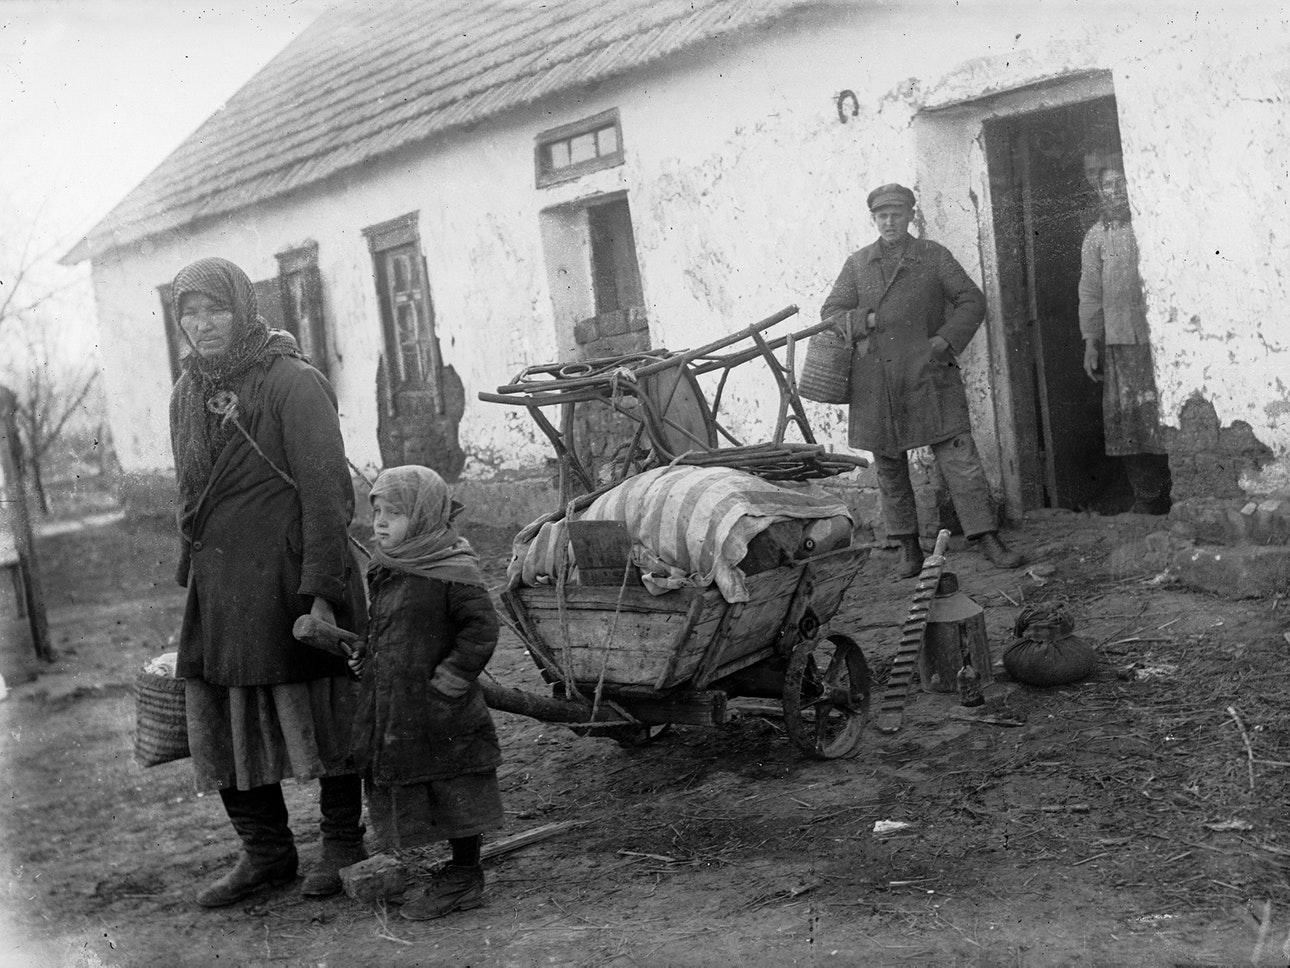 1930. Раскулаченная семья у дома в селе Удачное Красноармейского района Донецкой области